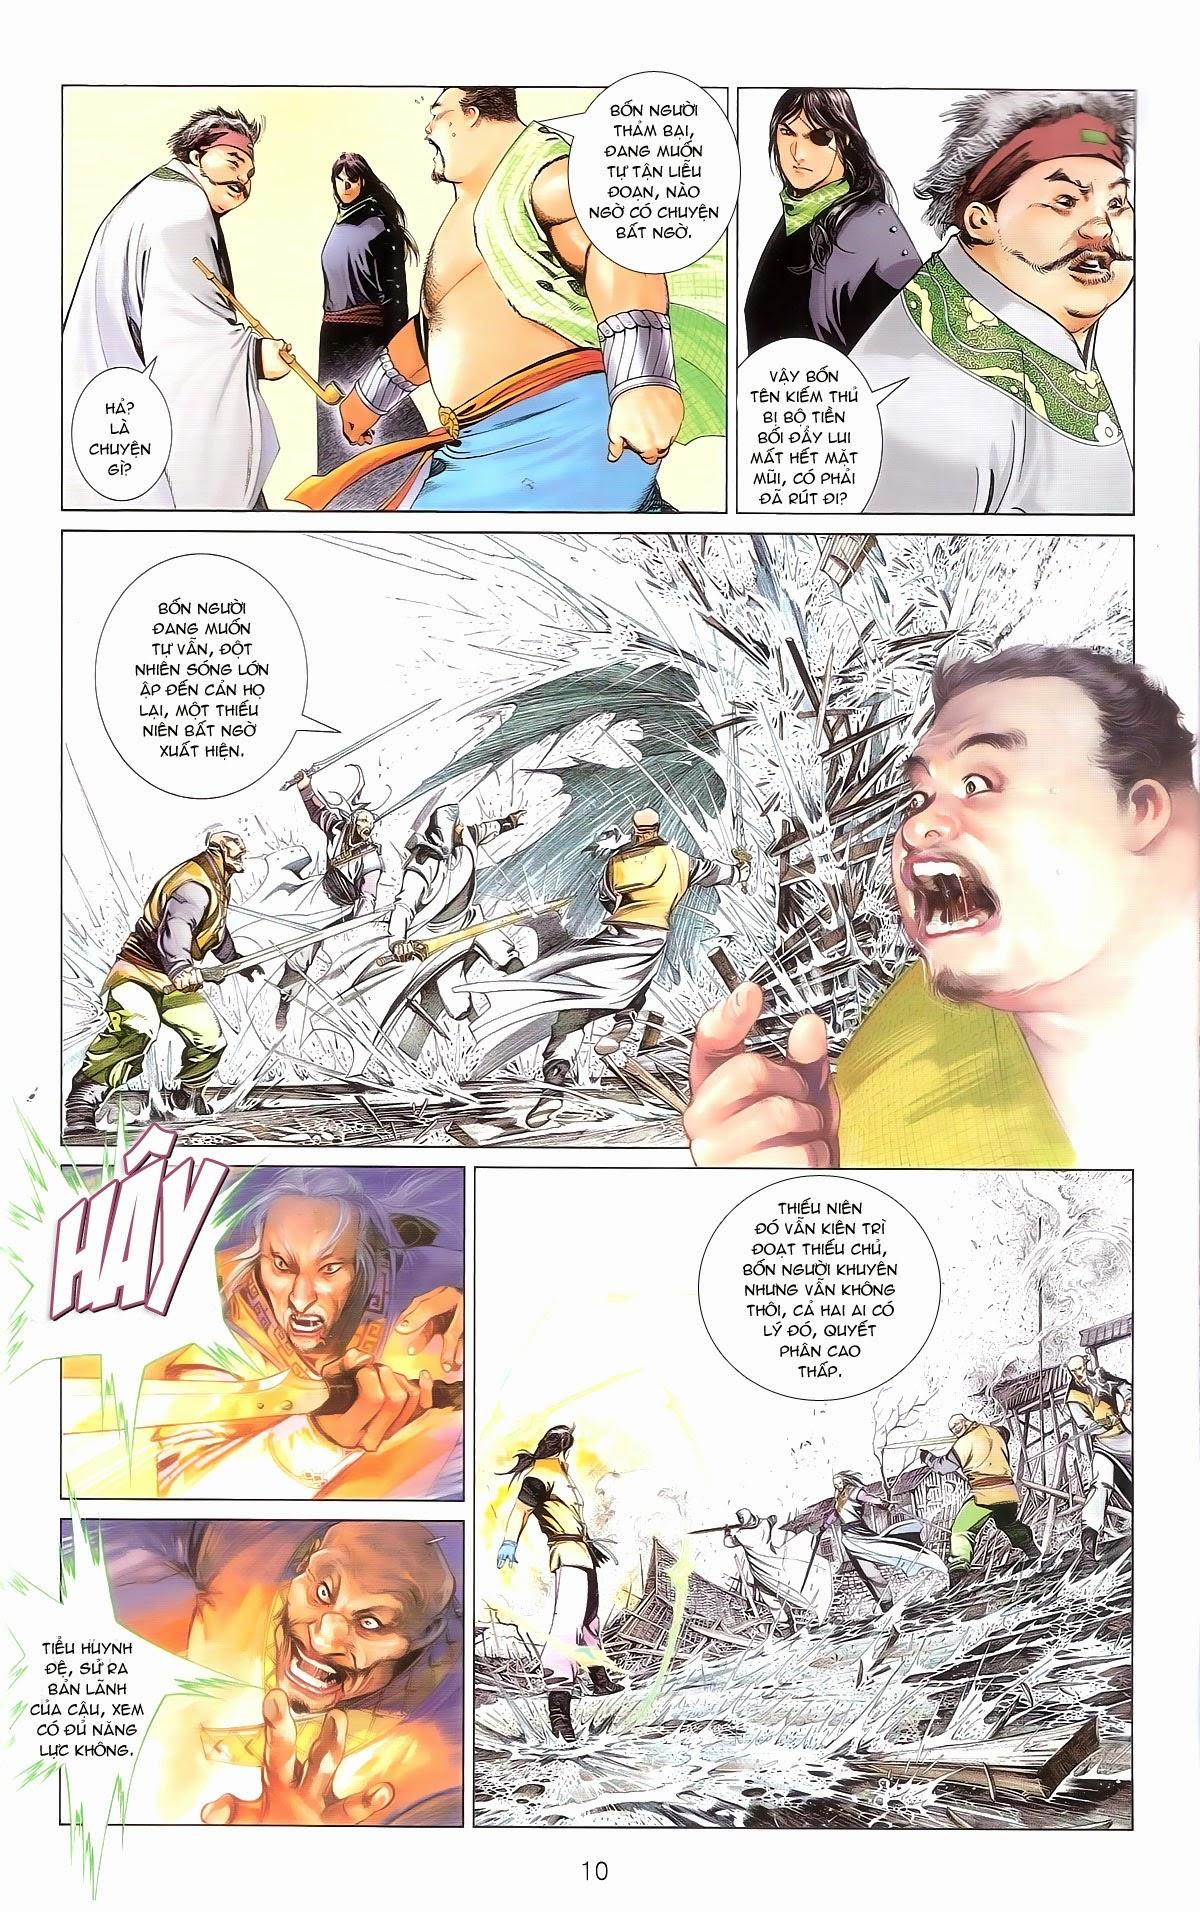 Phong Vân chap 674 – End Trang 12 - Mangak.info